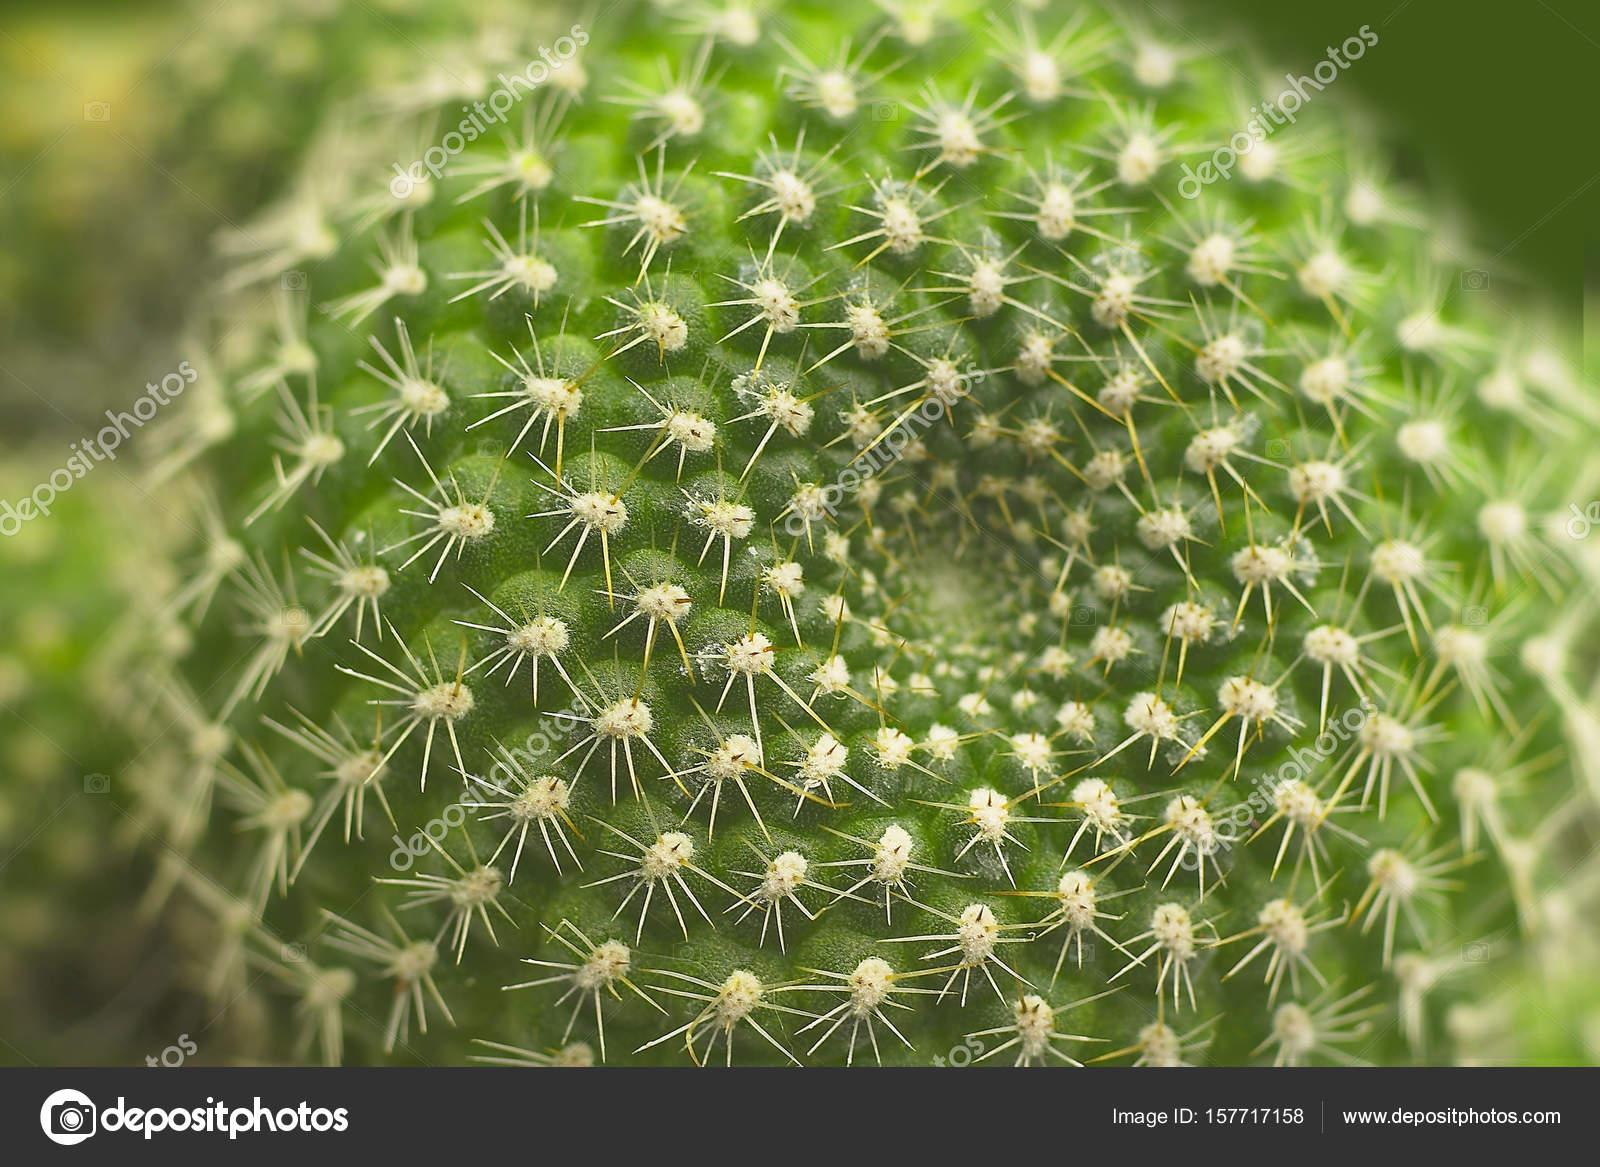 Cactus seco con agujas Fotos de Stock topphoto 157717158